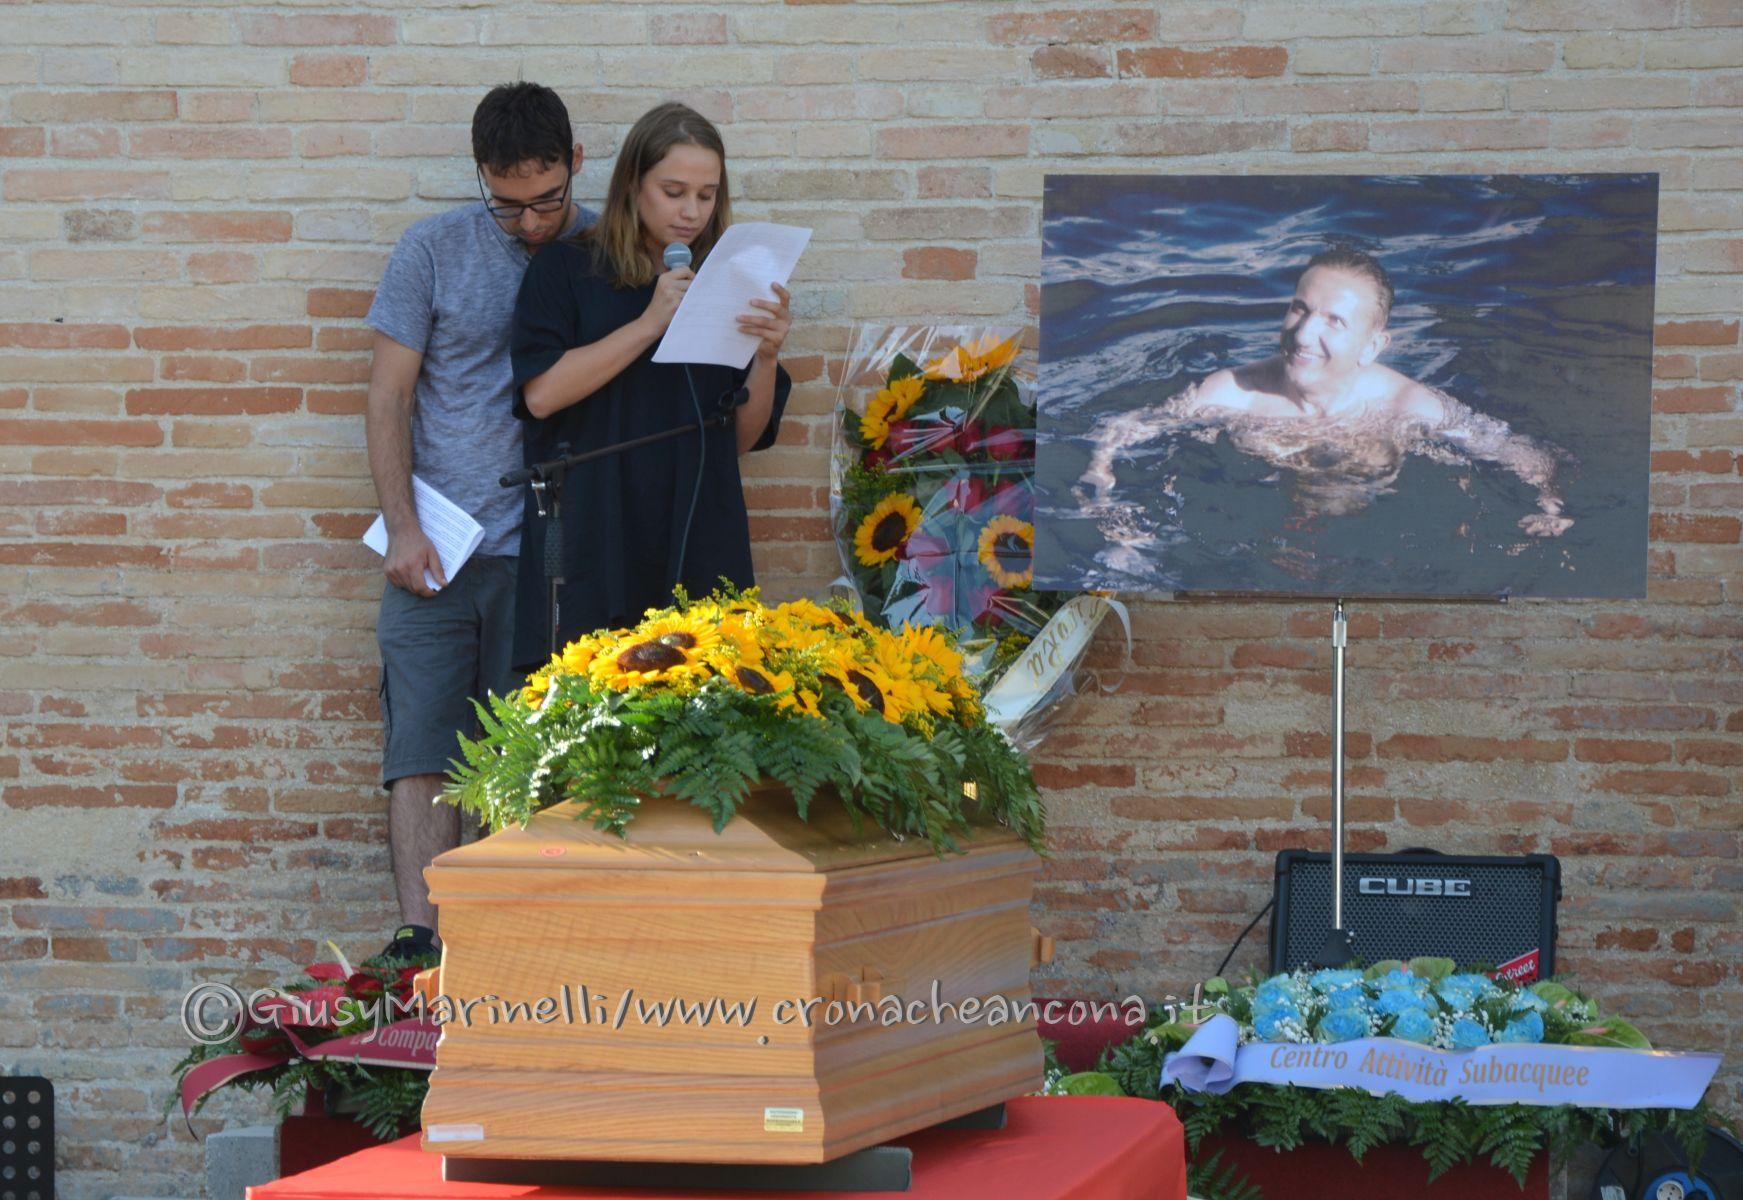 funerali_Raoul_Chiucconi-incidente_Camerano-DSC_0012-figli